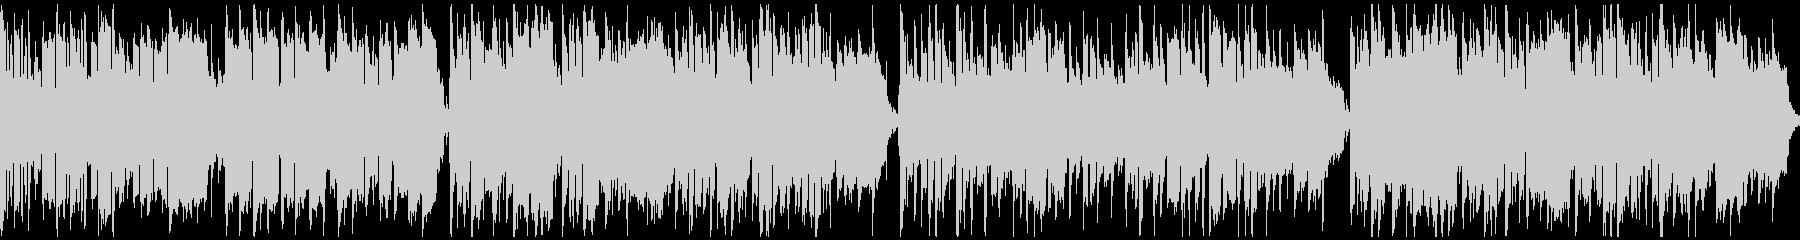 子供の冒険っぽいリコーダー曲 ※ループ版の未再生の波形